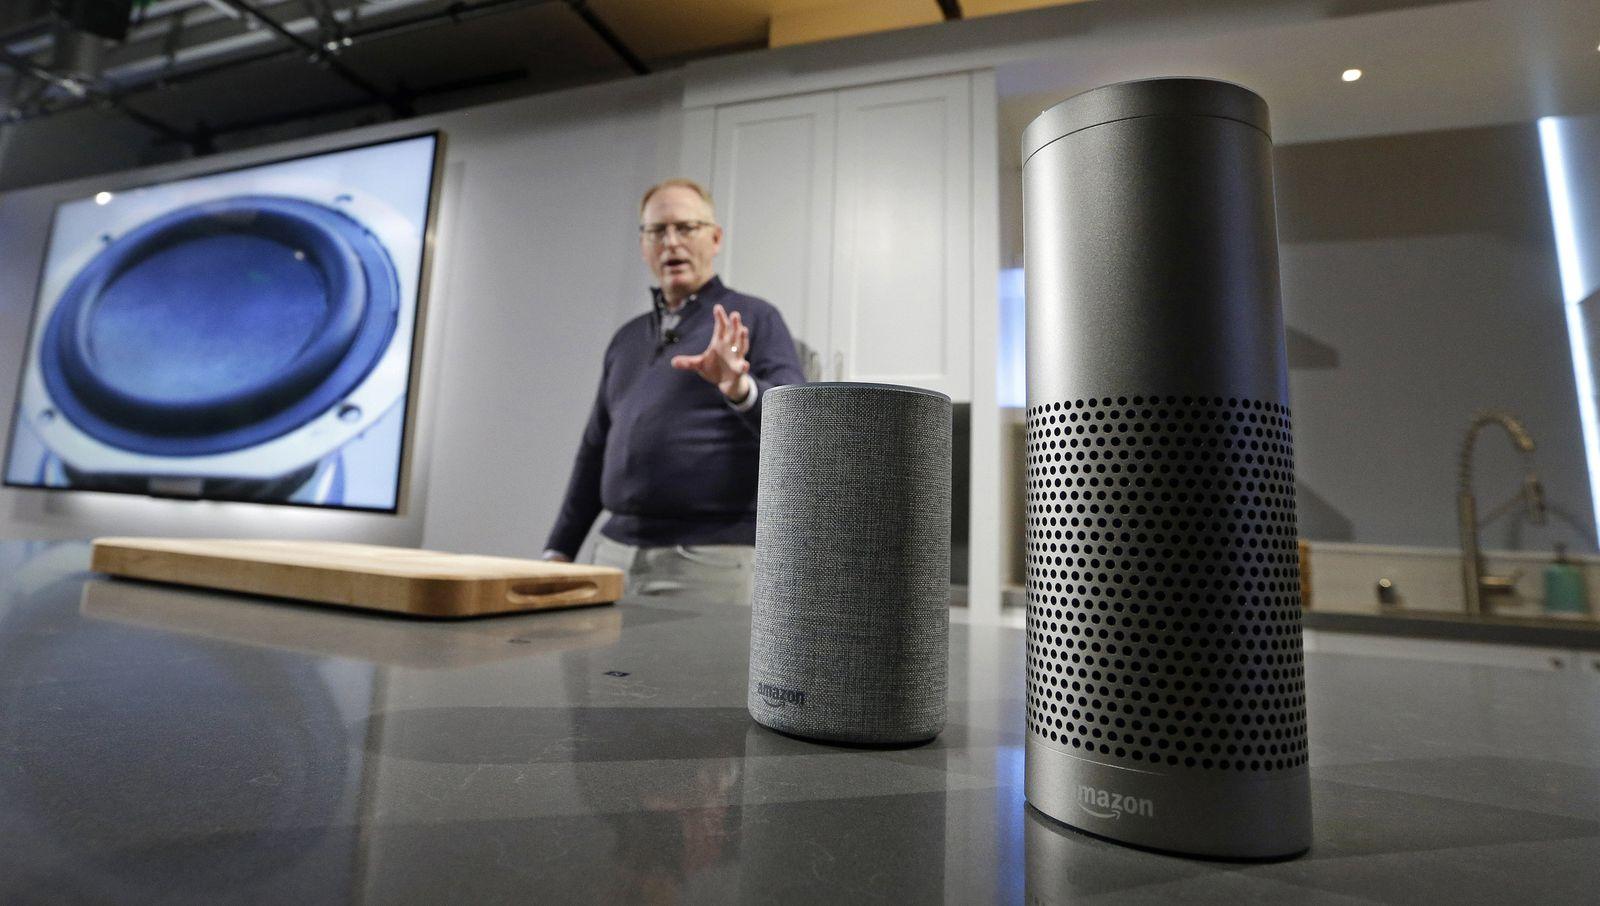 APTOPIX Amazon New Devices